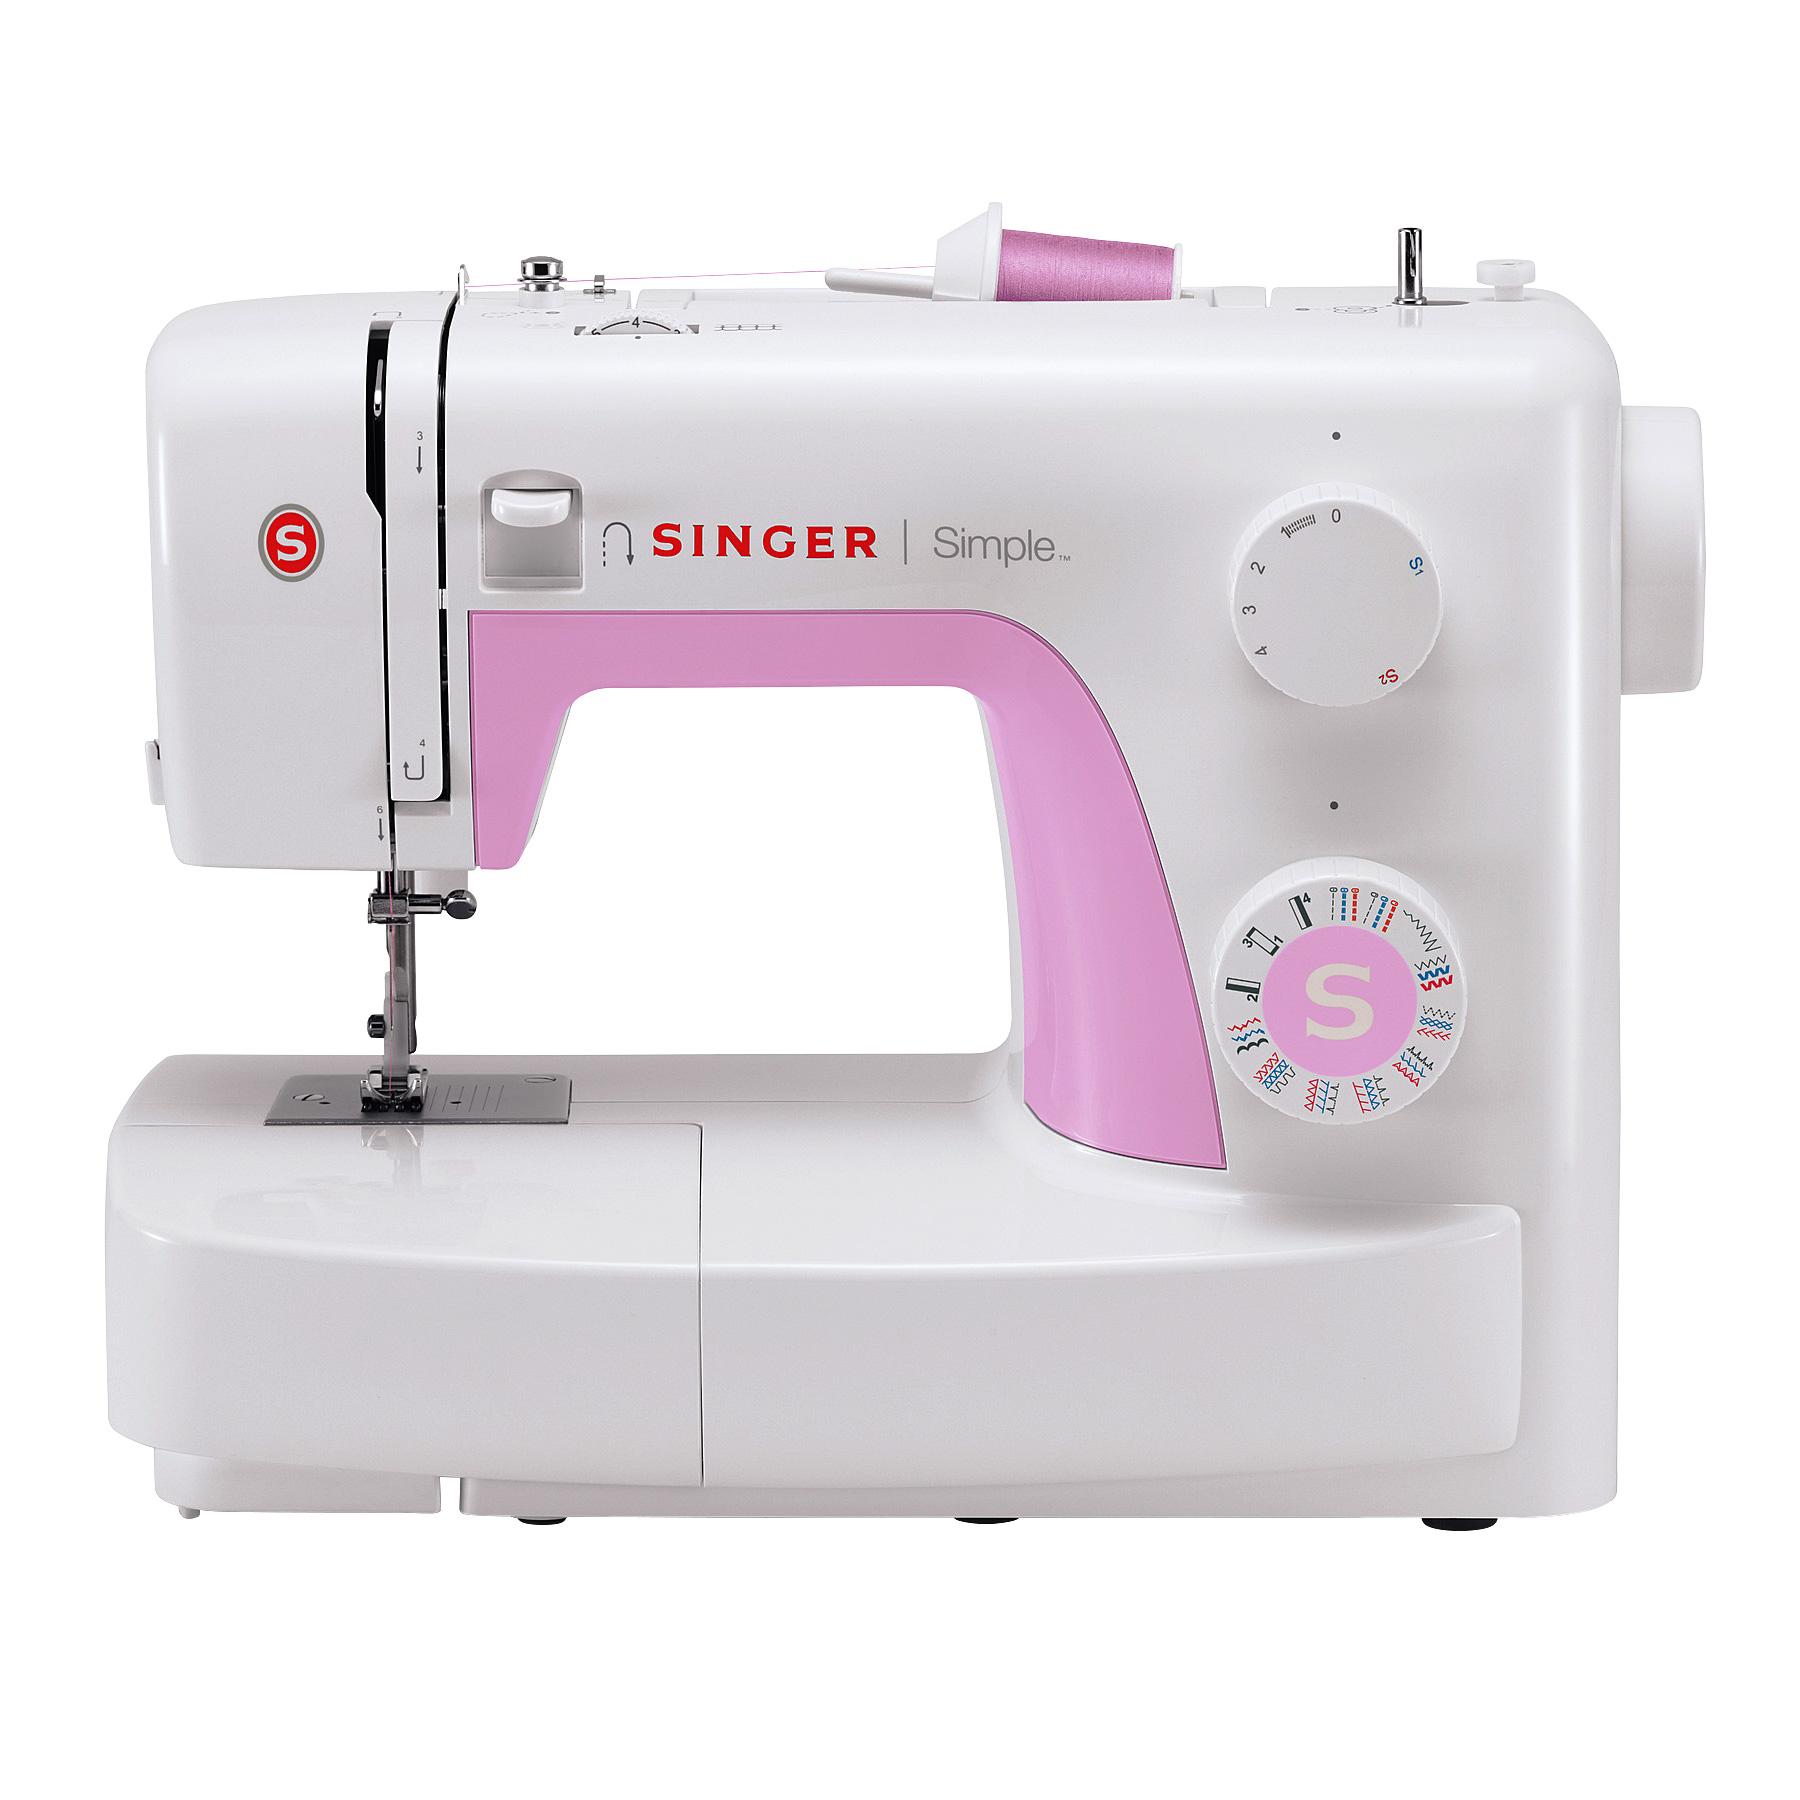 singer stitch sewing machine